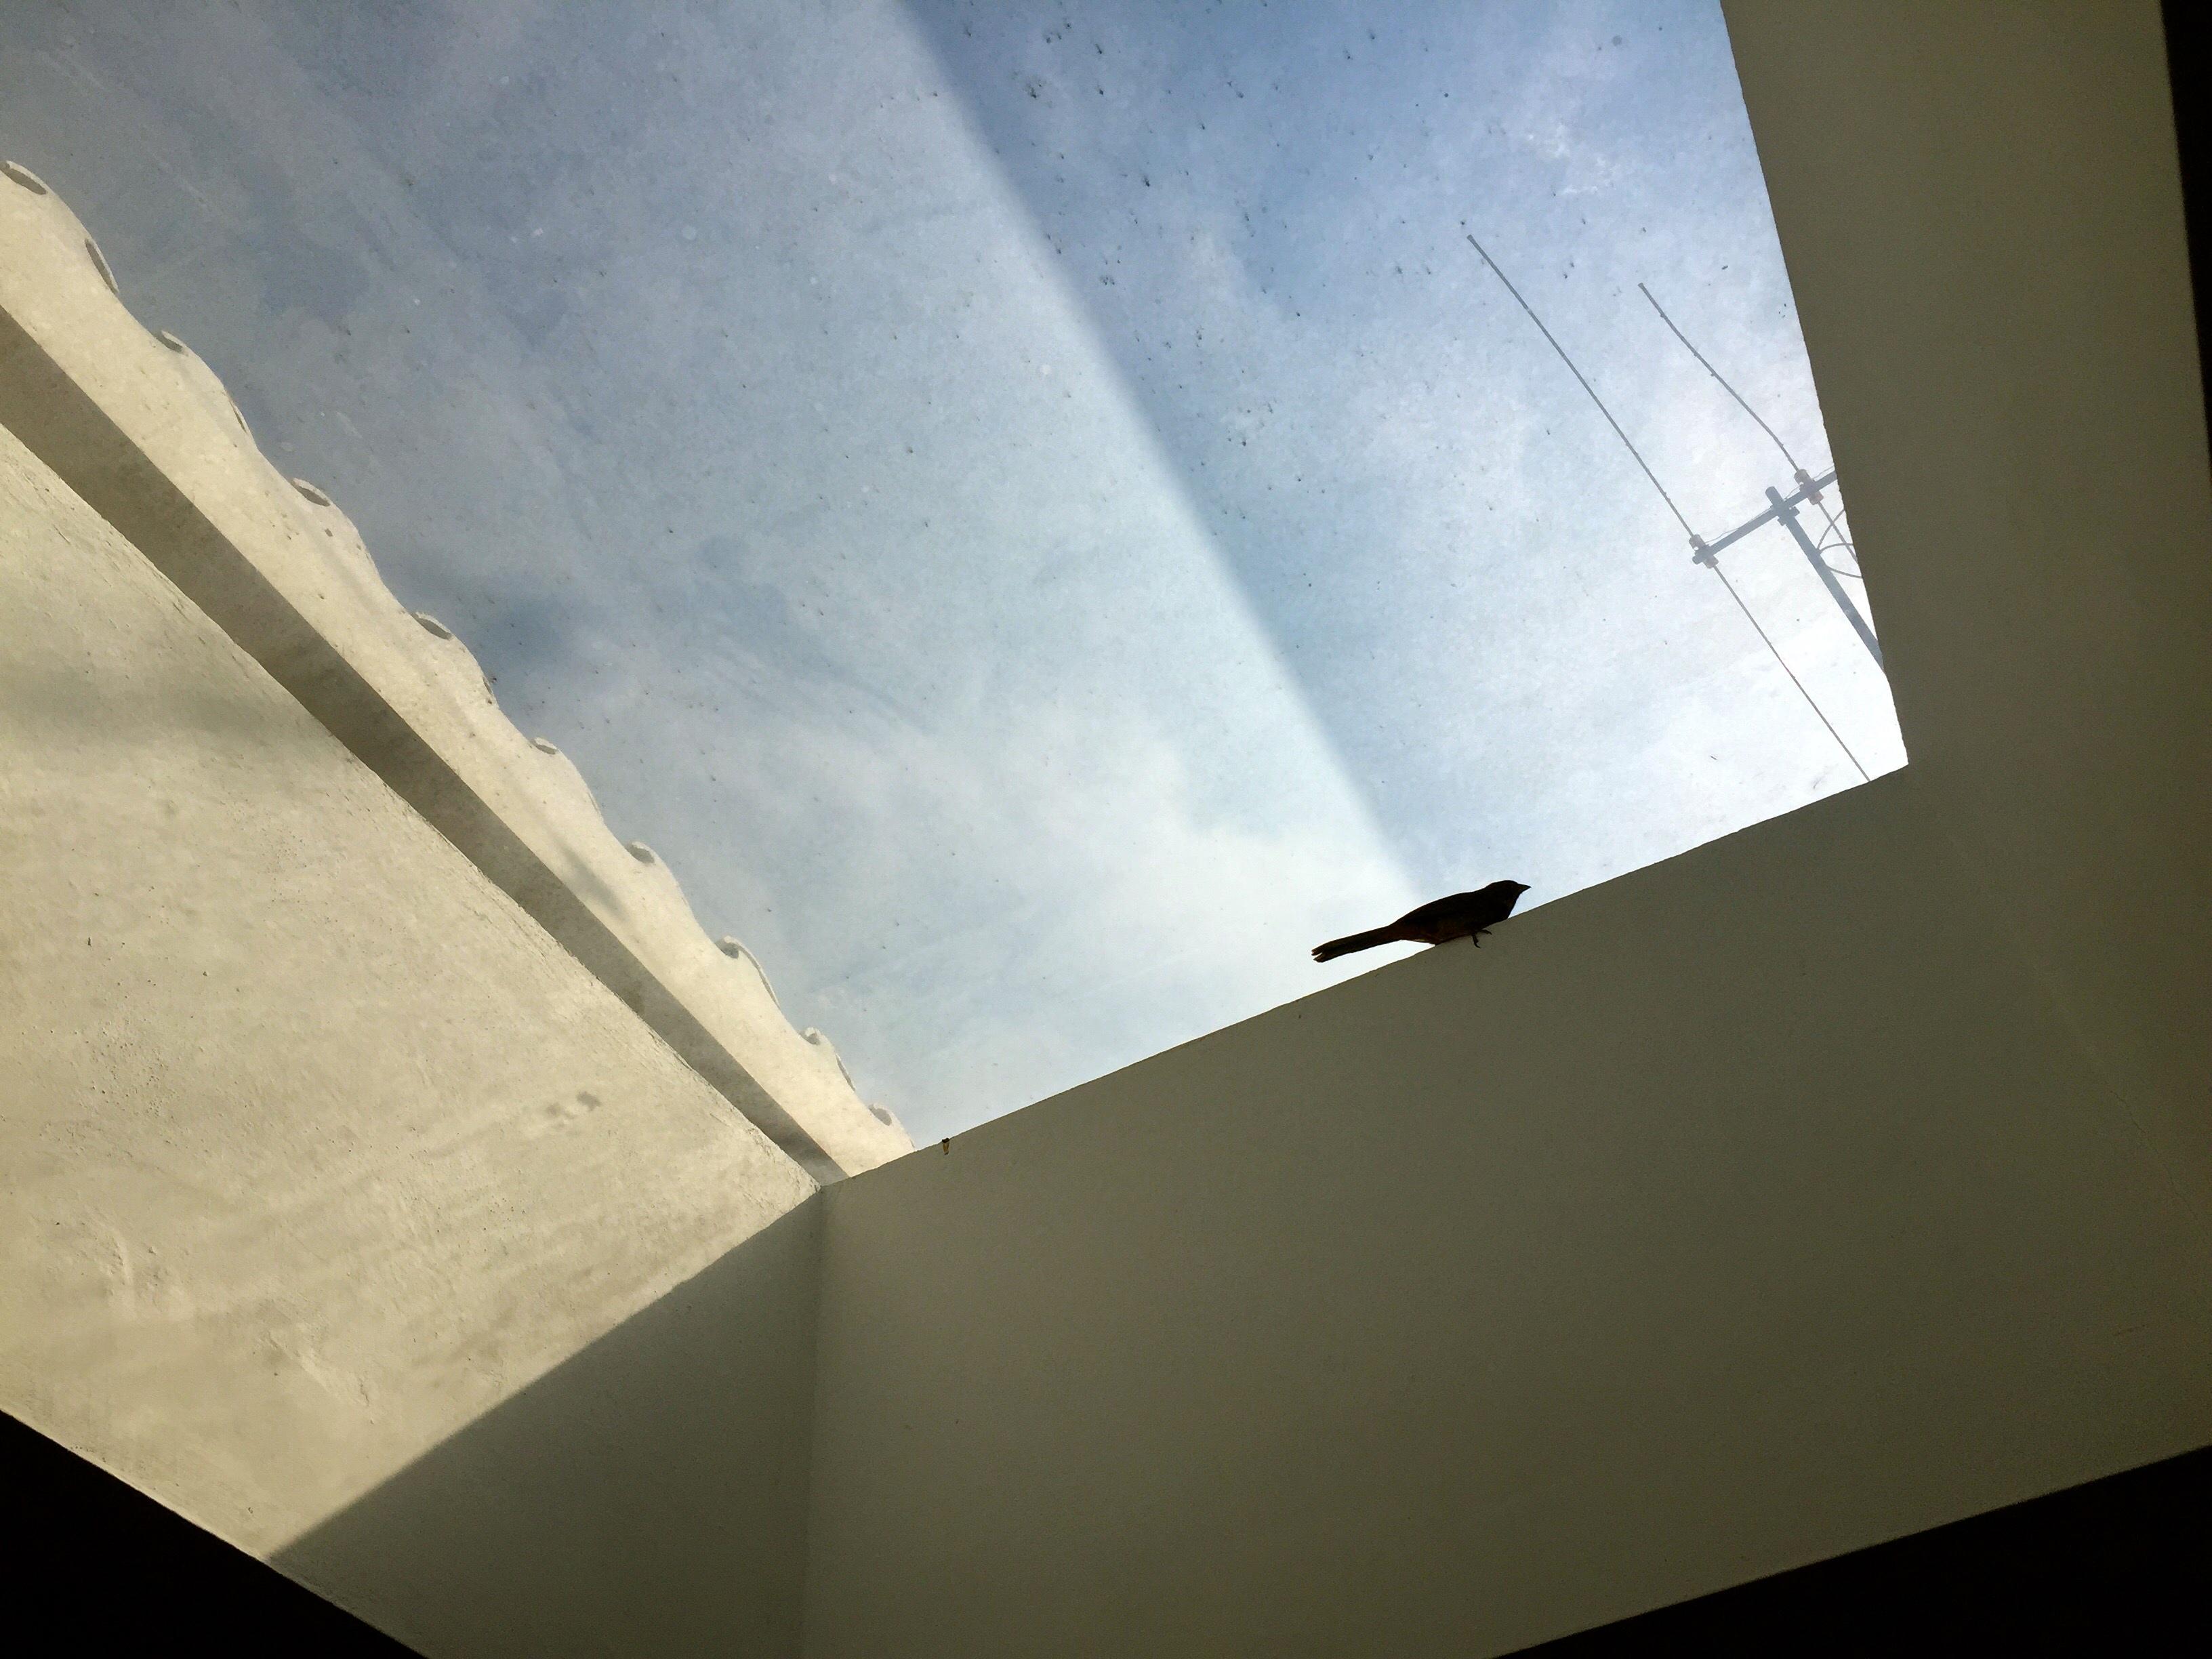 Dos pájaros atados al domo de mi casa